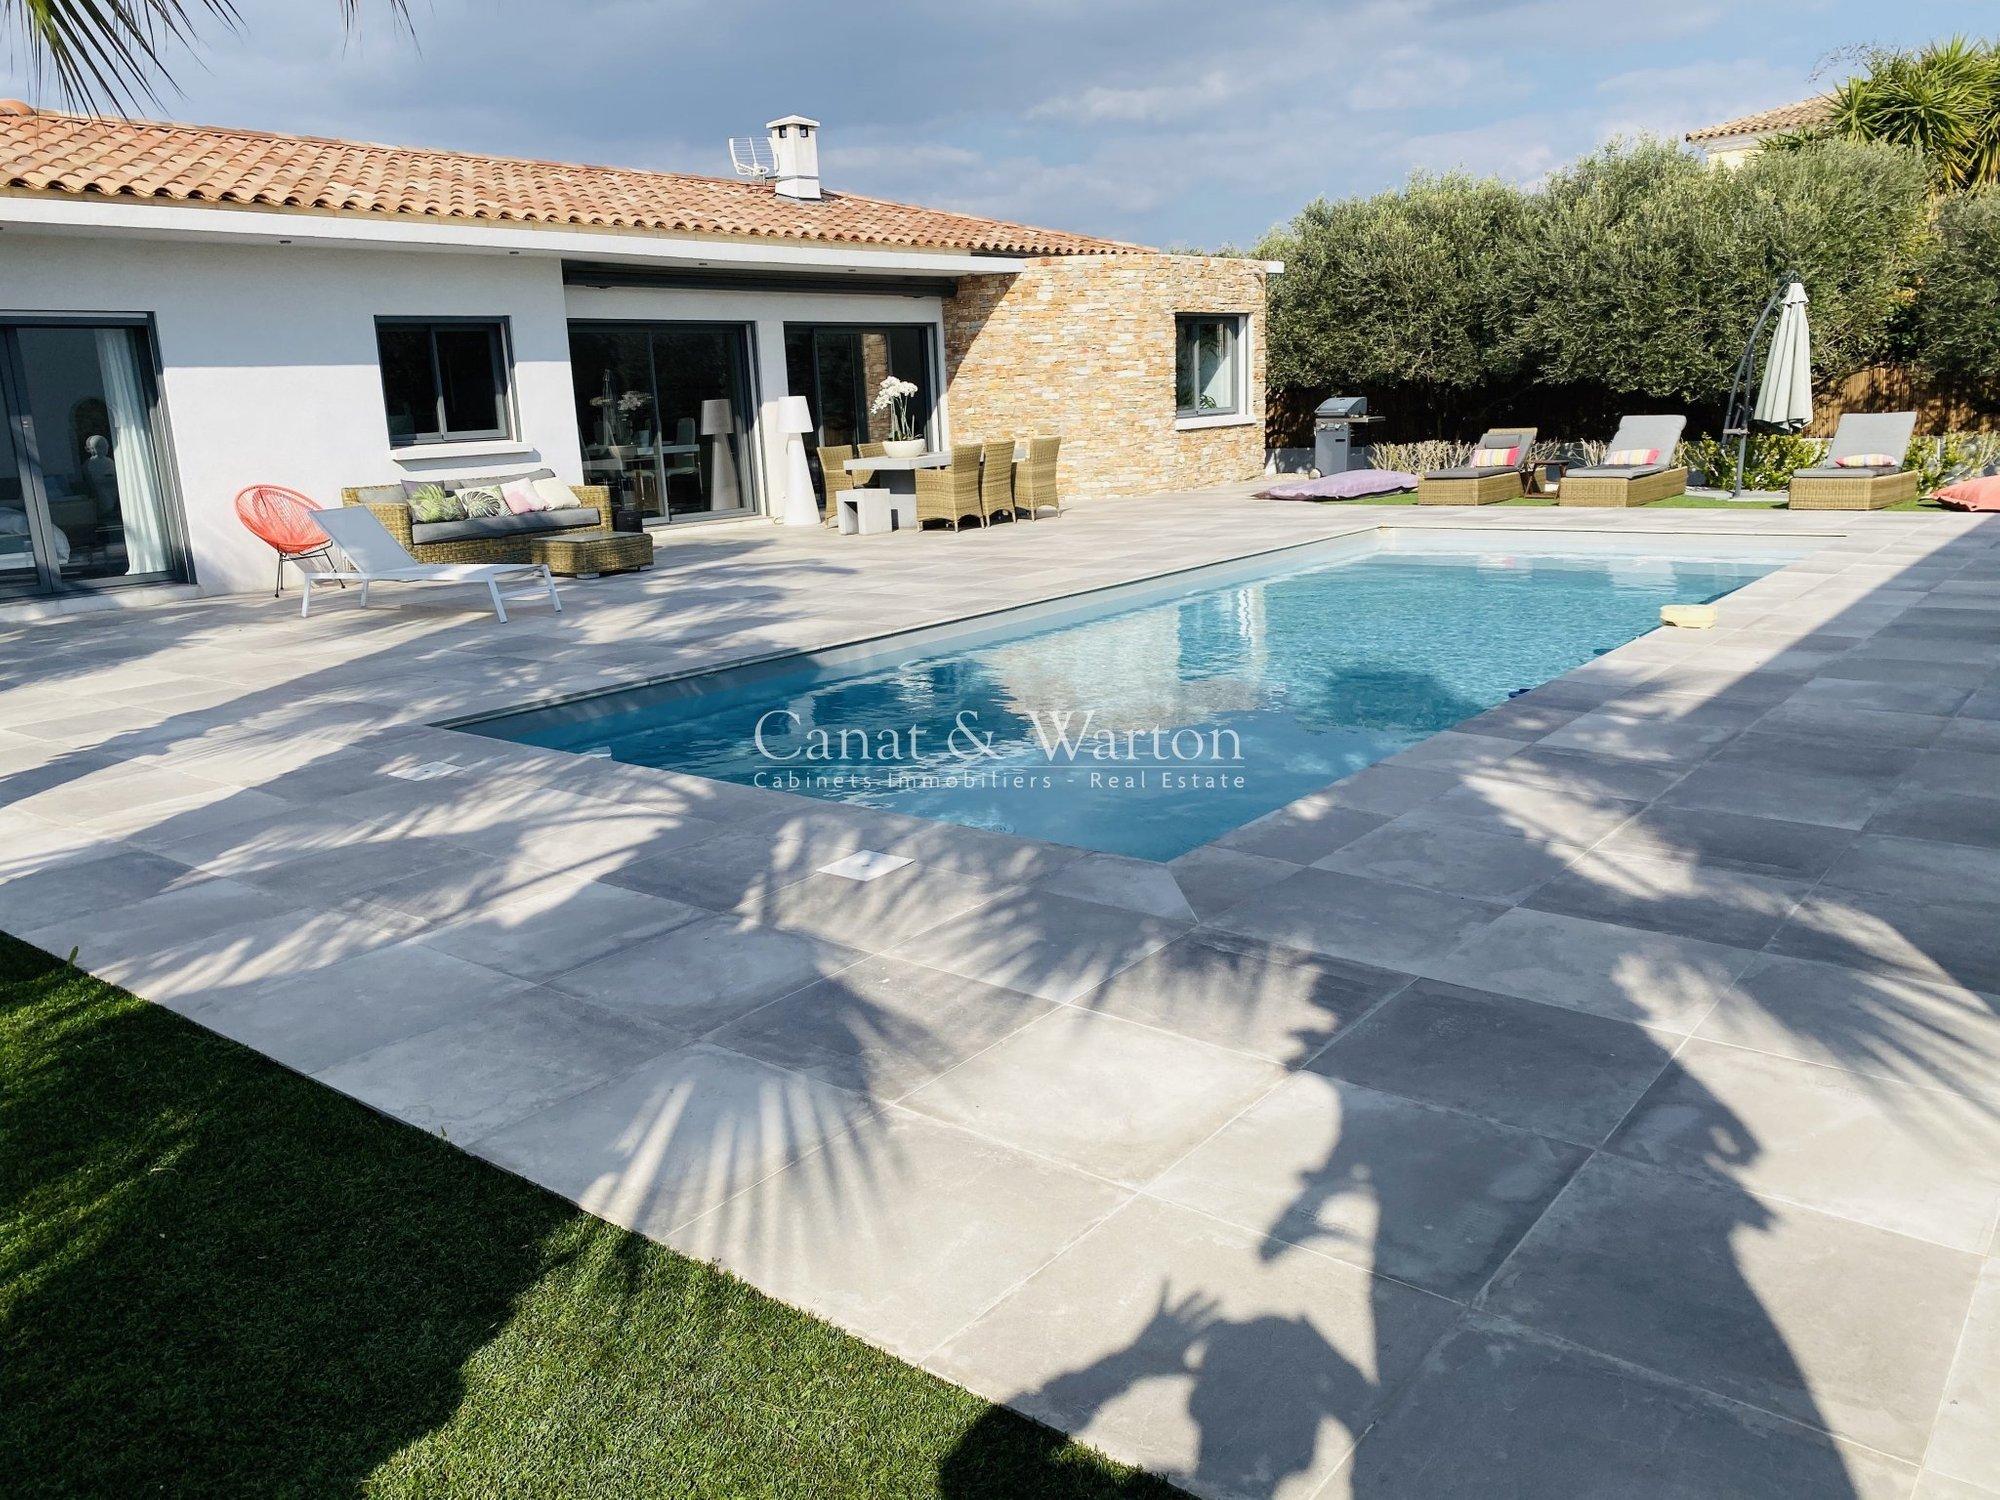 Villa in Hyères, Provence-Alpes-Côte d'Azur, France 1